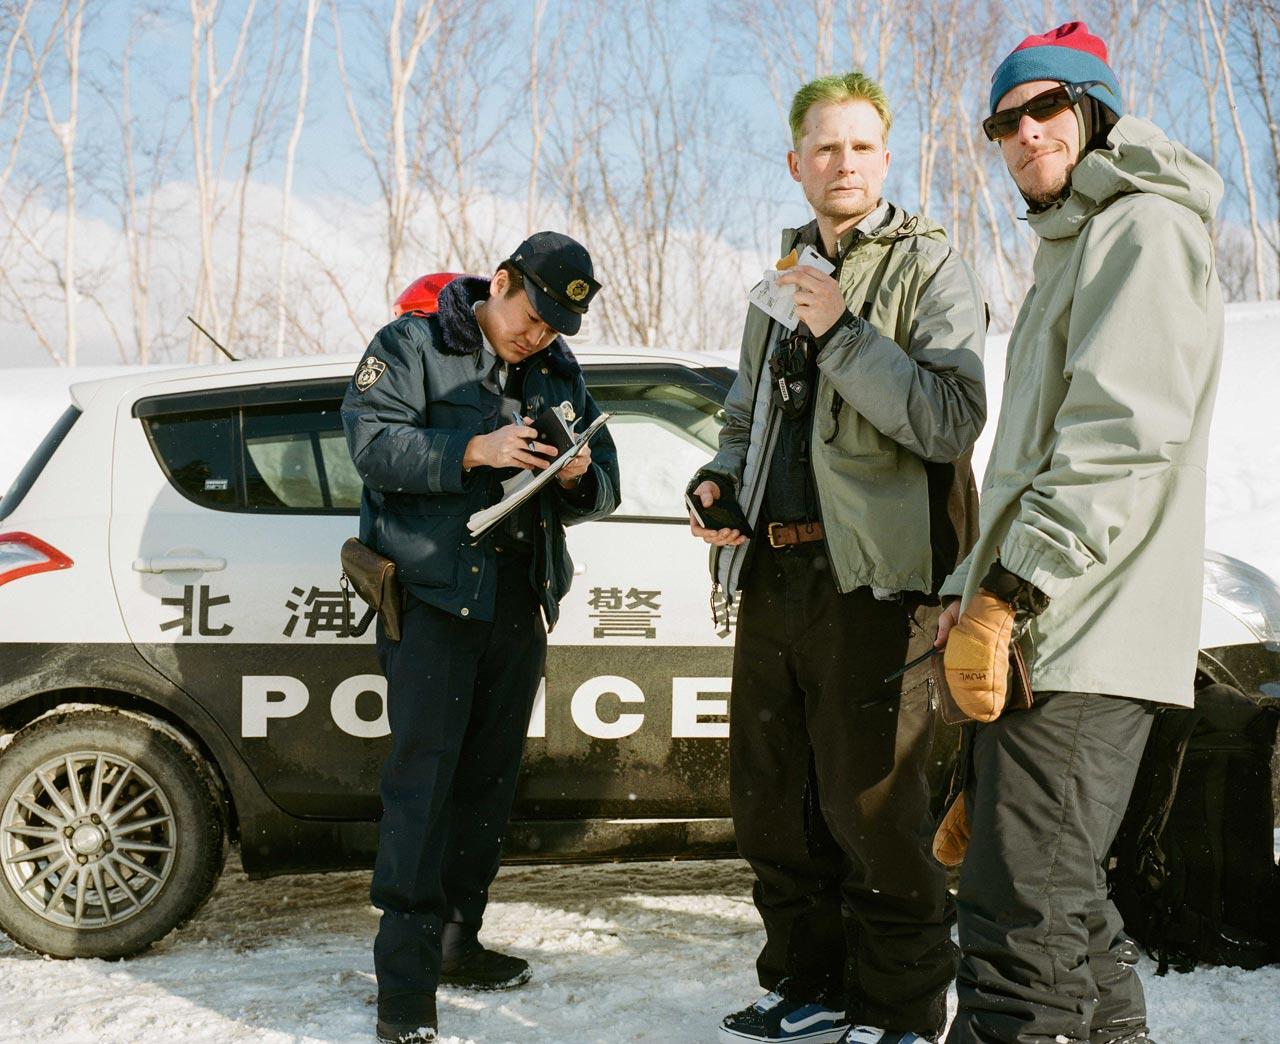 Die Cops in Japan lassen die Jungs nicht mit einer Warnung davonkommen |©Vans/Oli Gagnon